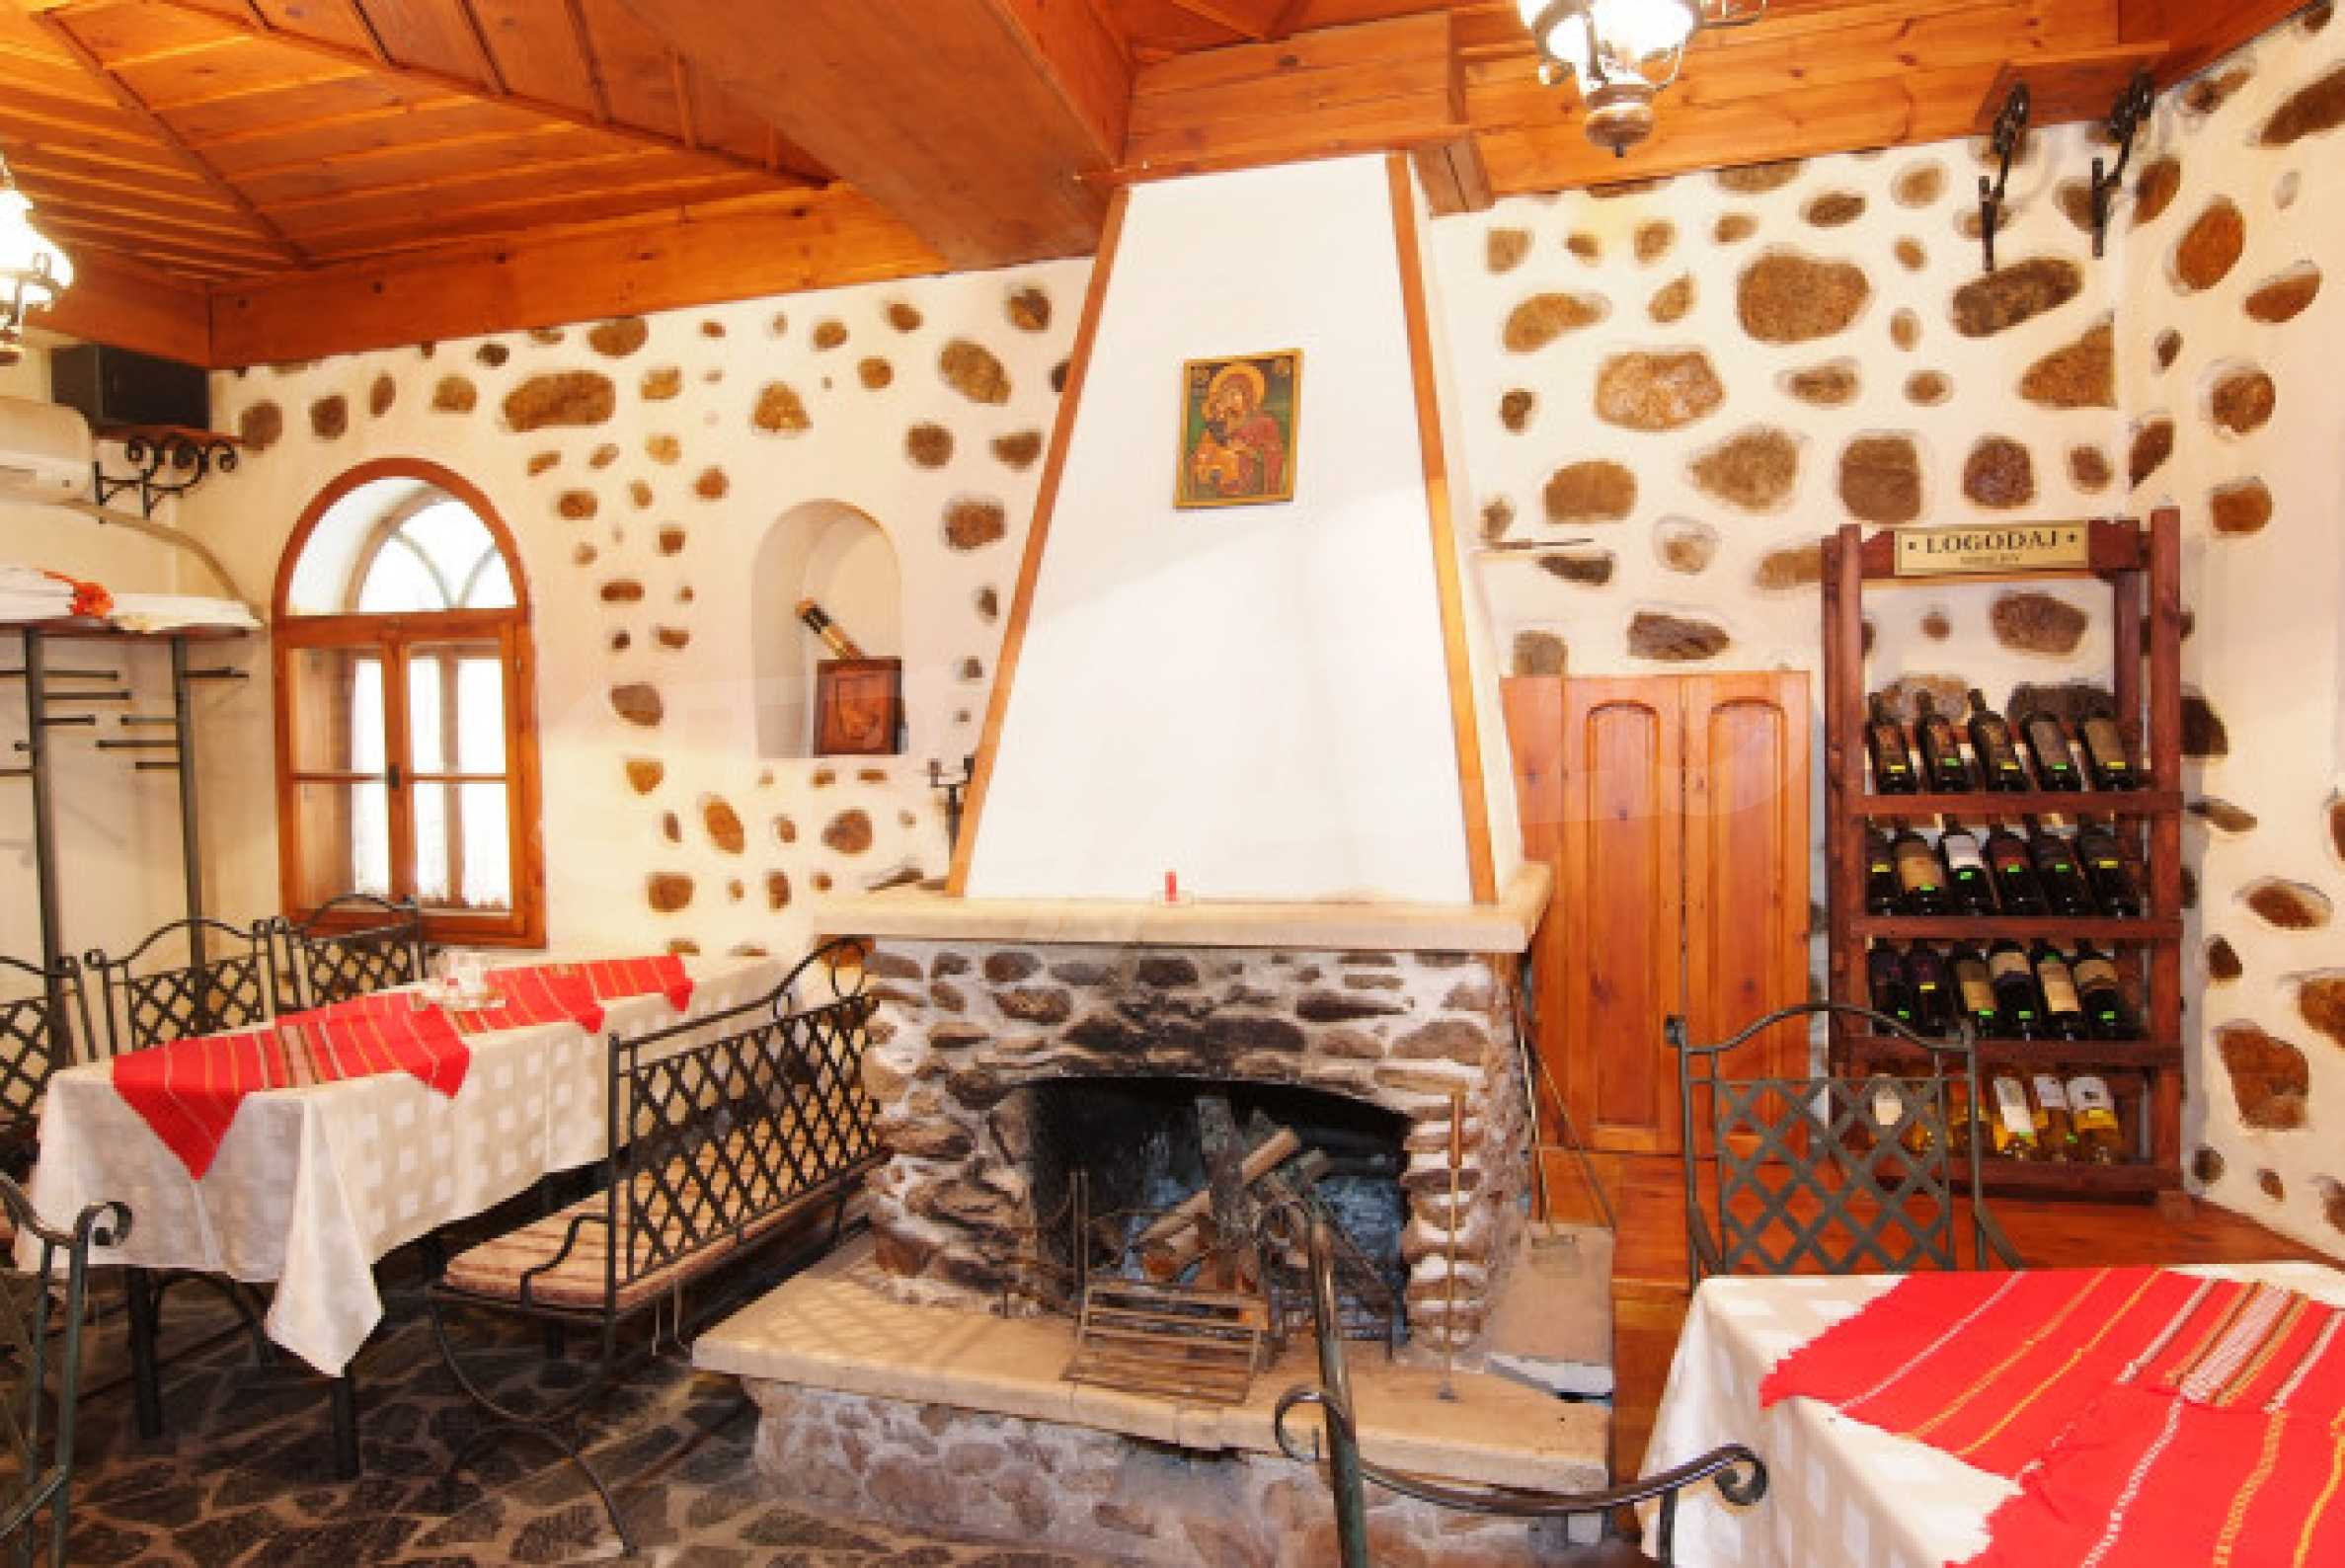 Гостиница, Отель в г. Мелник 4